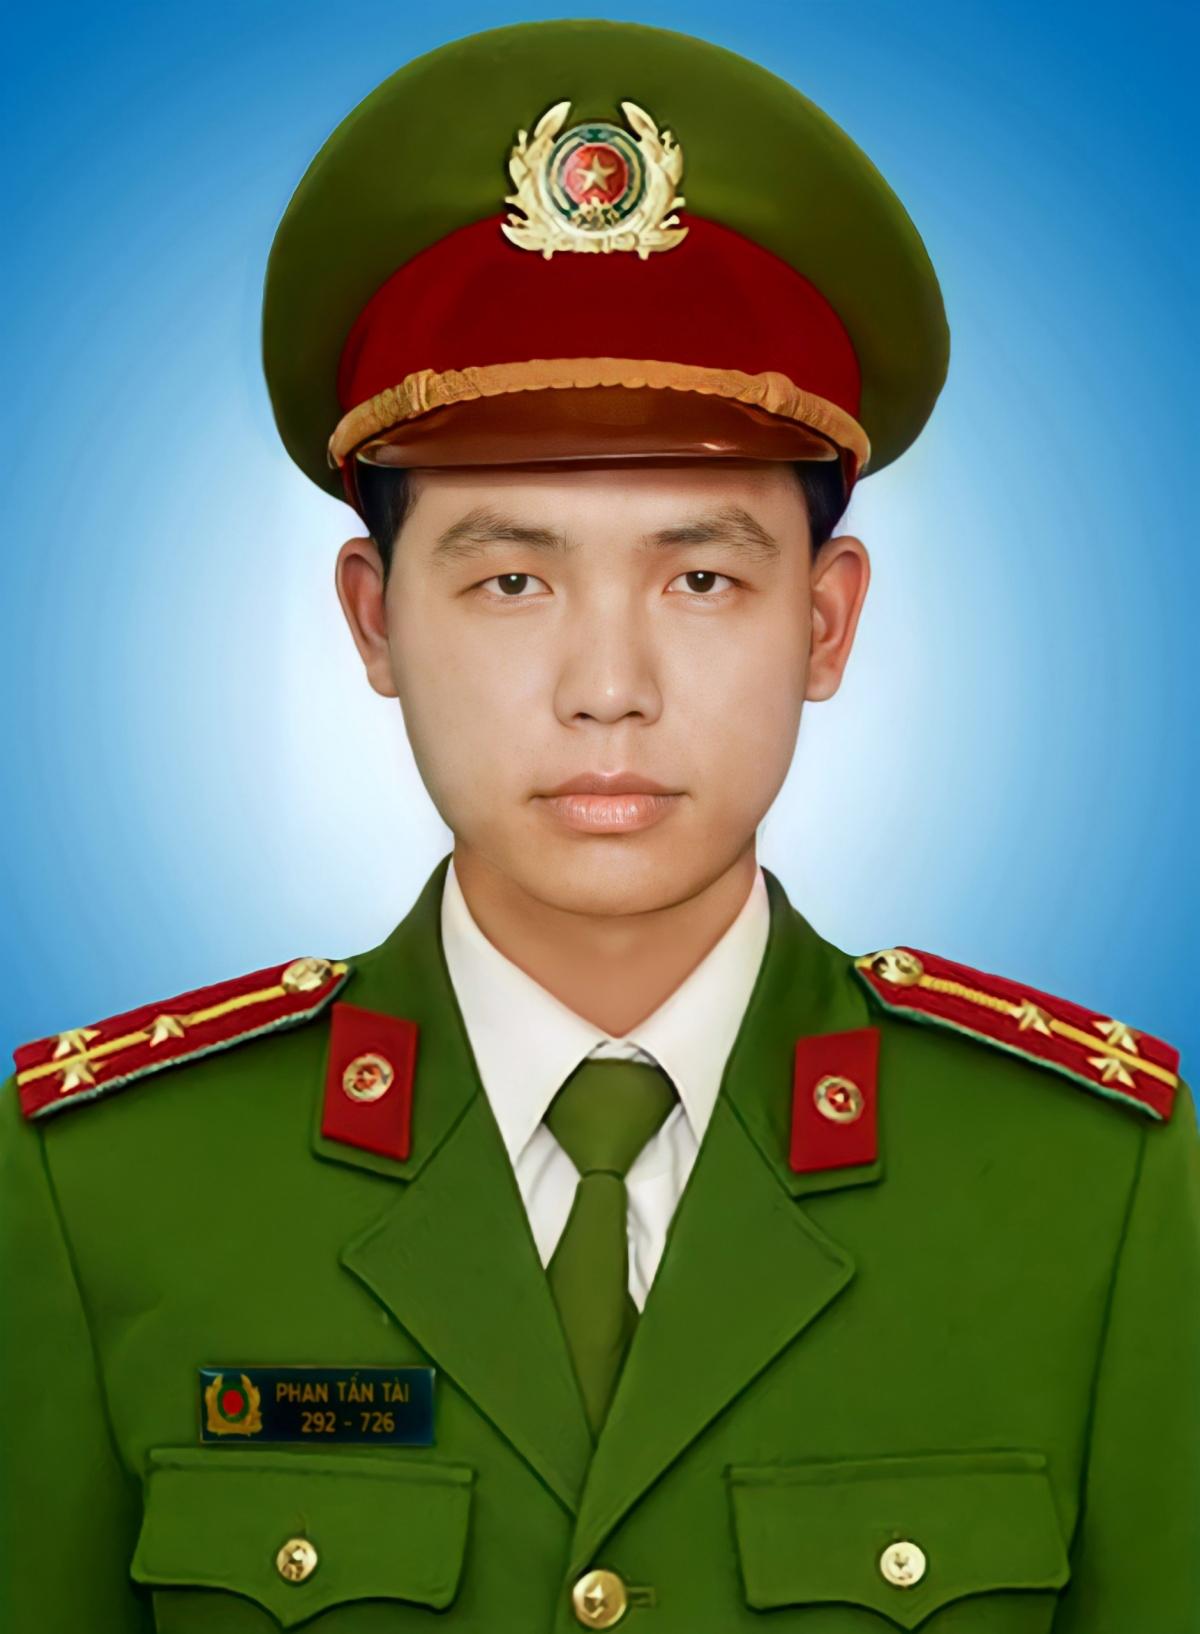 Thượng úy Phan Tấn Tài